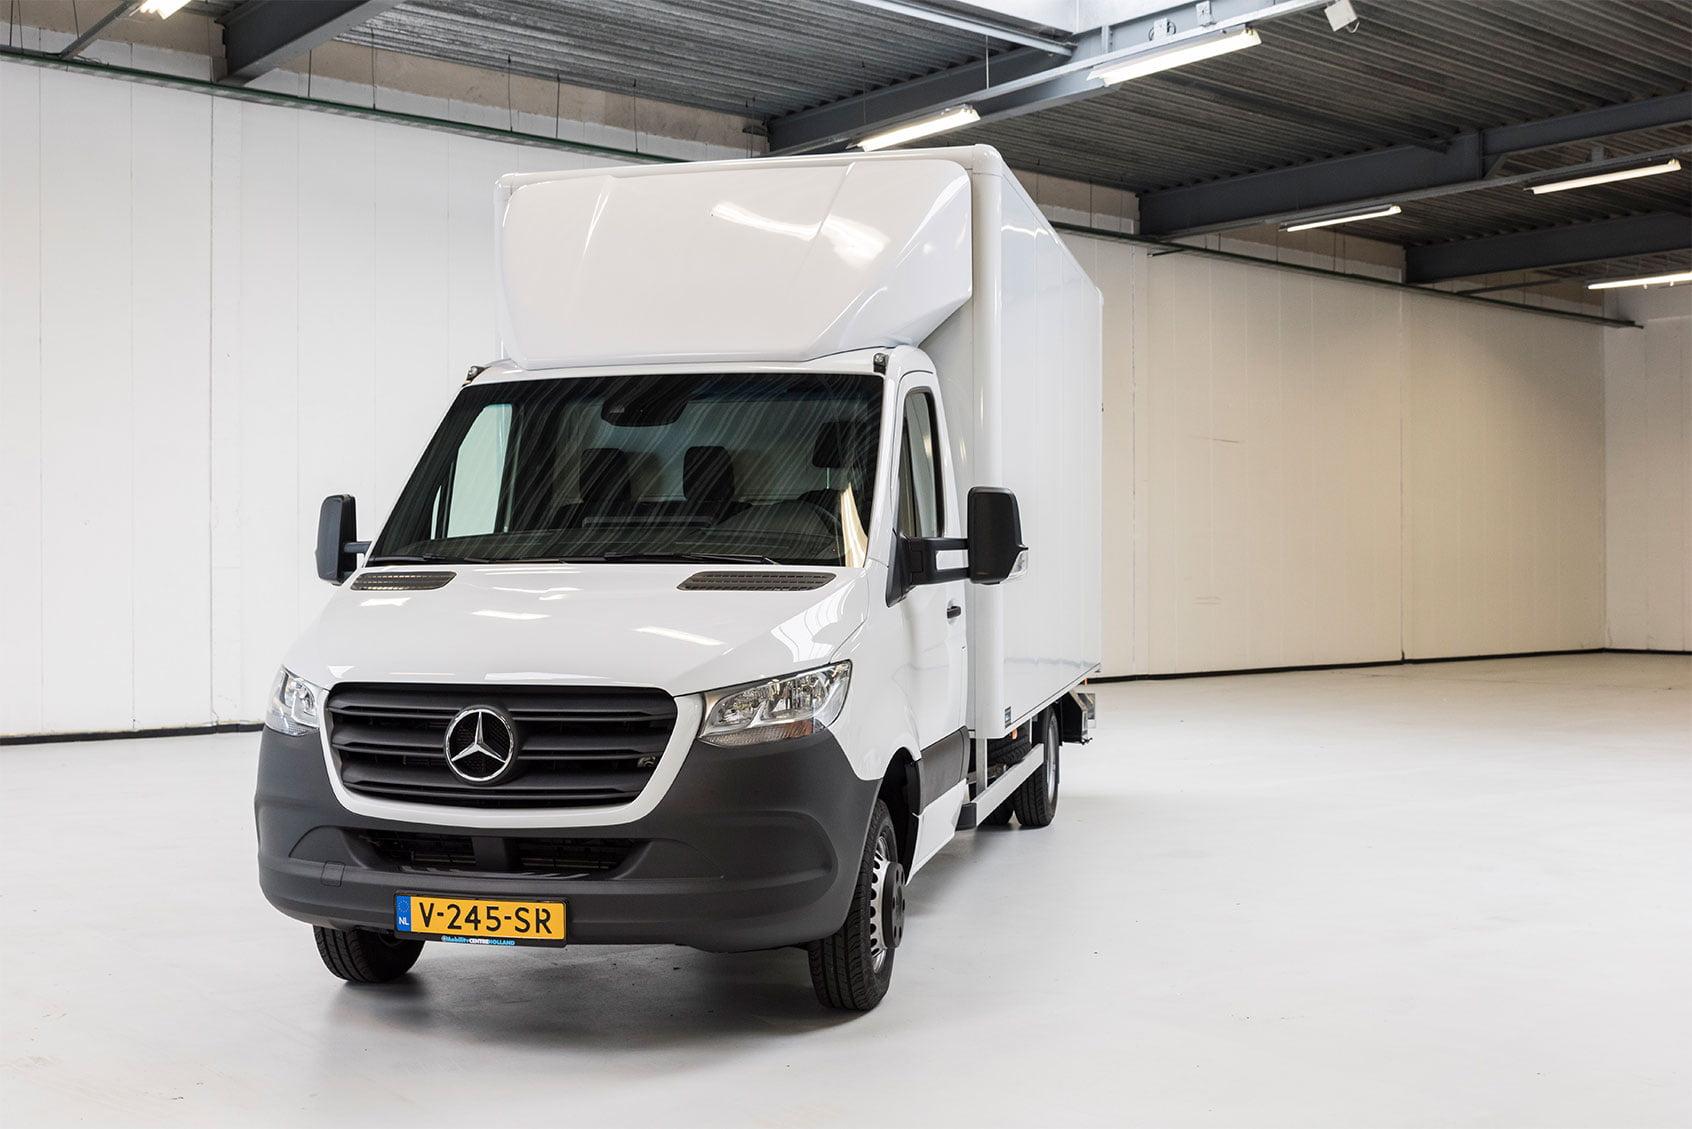 Bestelwagens kopen, huren of leasen bij Mobility Centre Holland